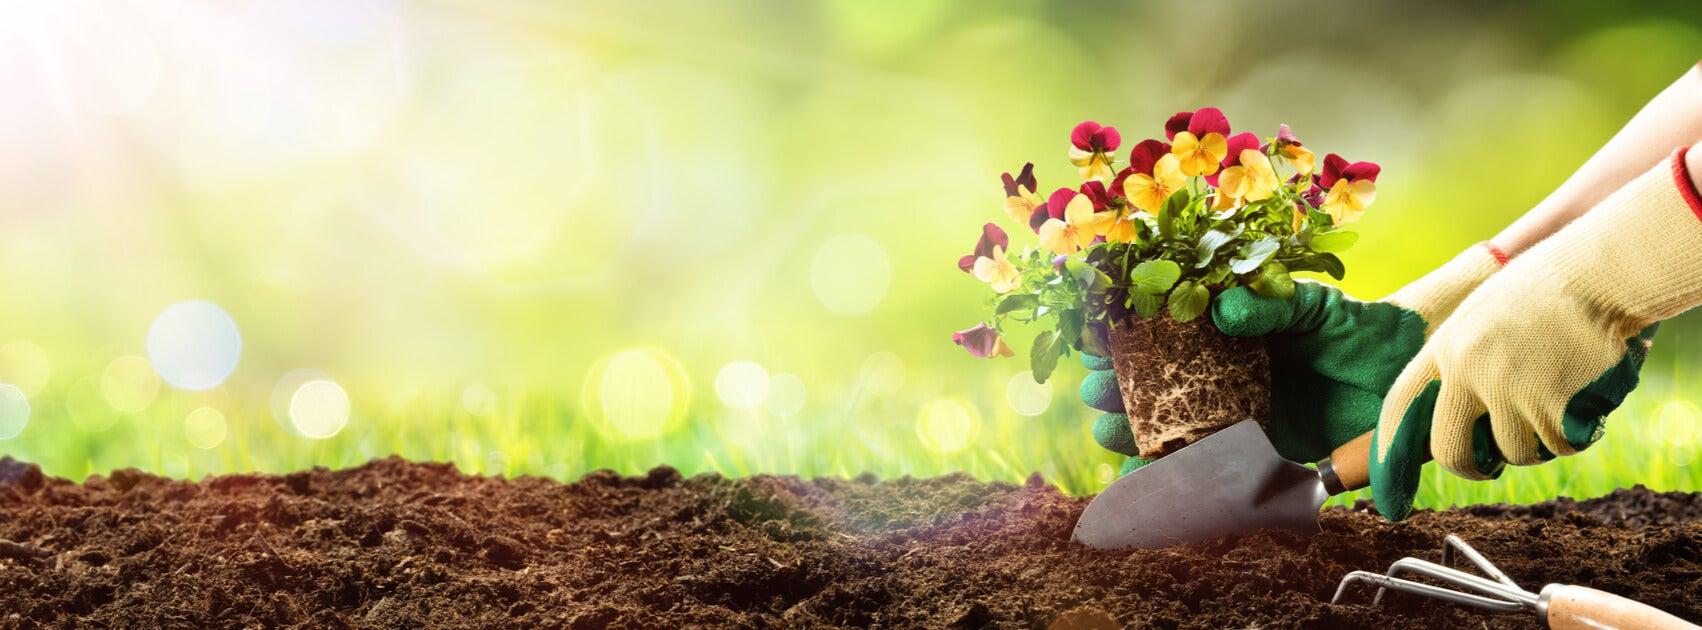 Gartenpflanzen: 6 wunderschöne Blumen für deinen Garten